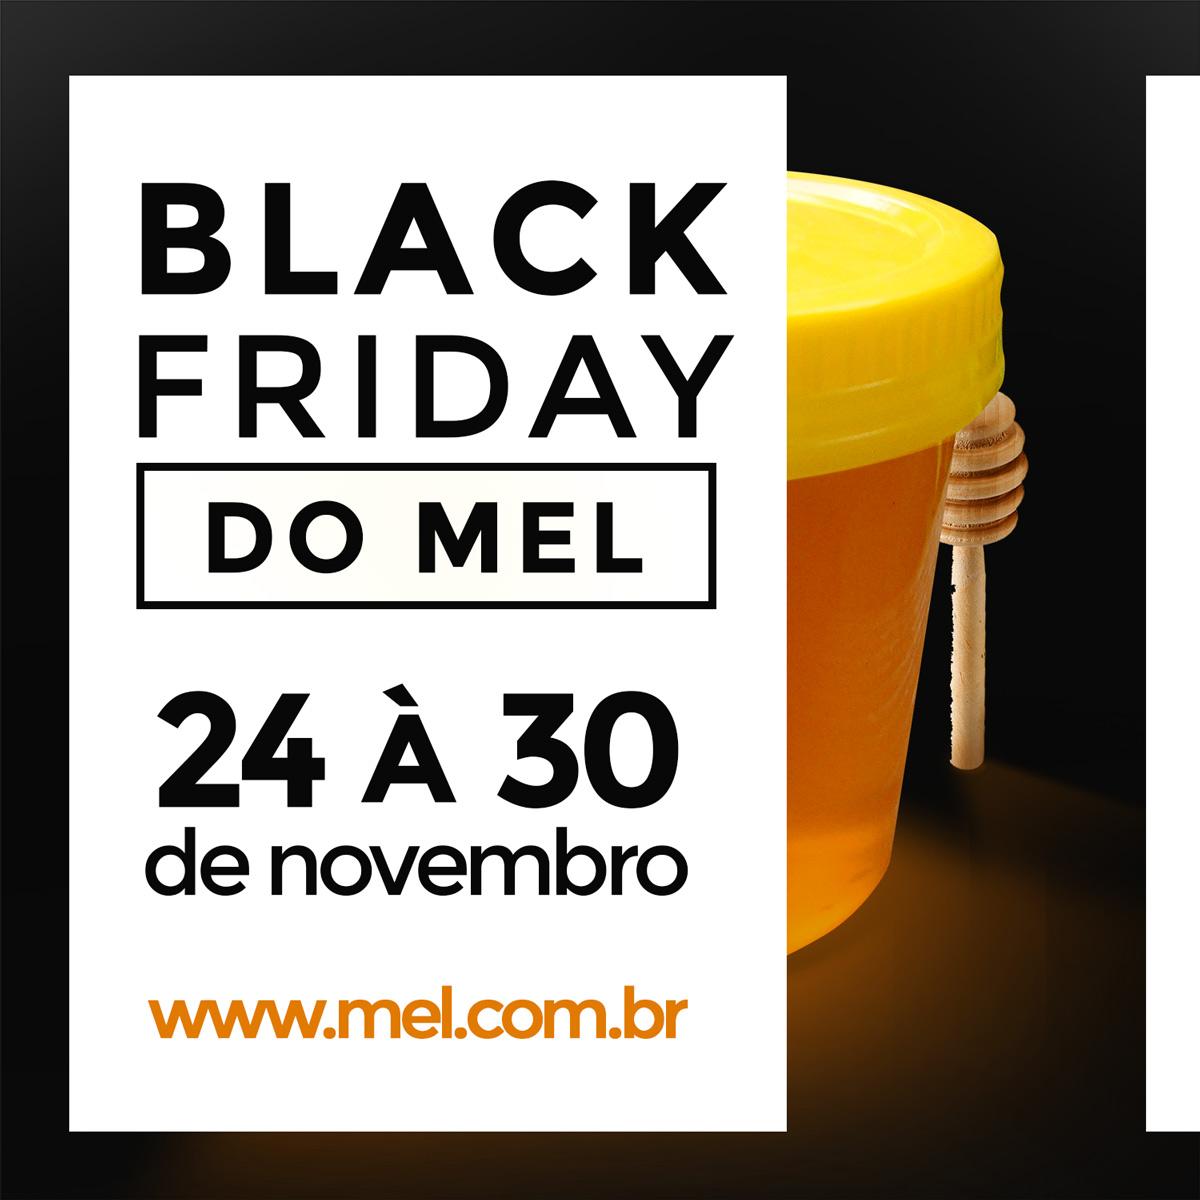 mel em promoção - black-friday